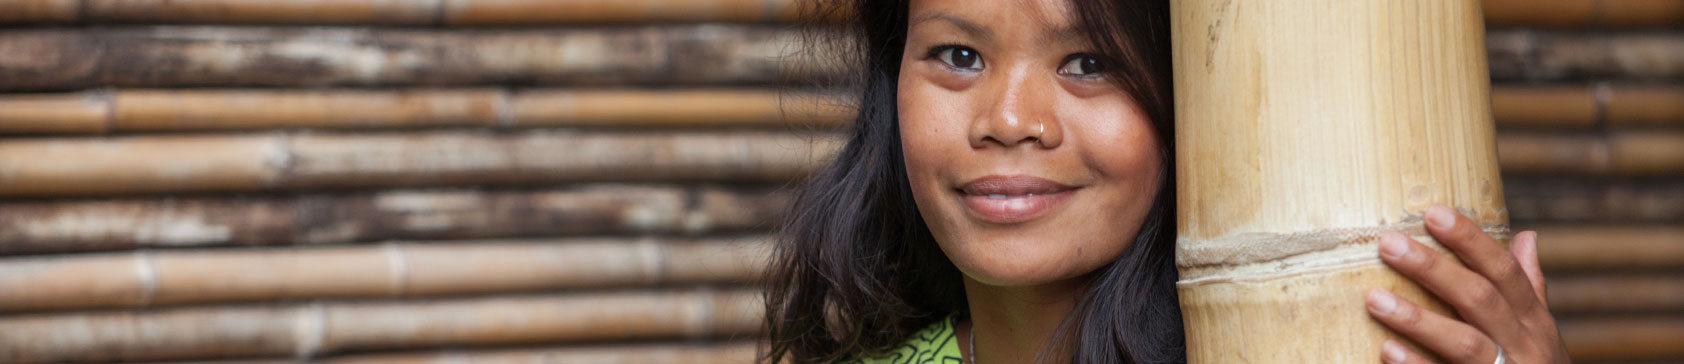 Tusalario.org/Honduras - Salud y seguridad en el lugar de trabajo en Honduras